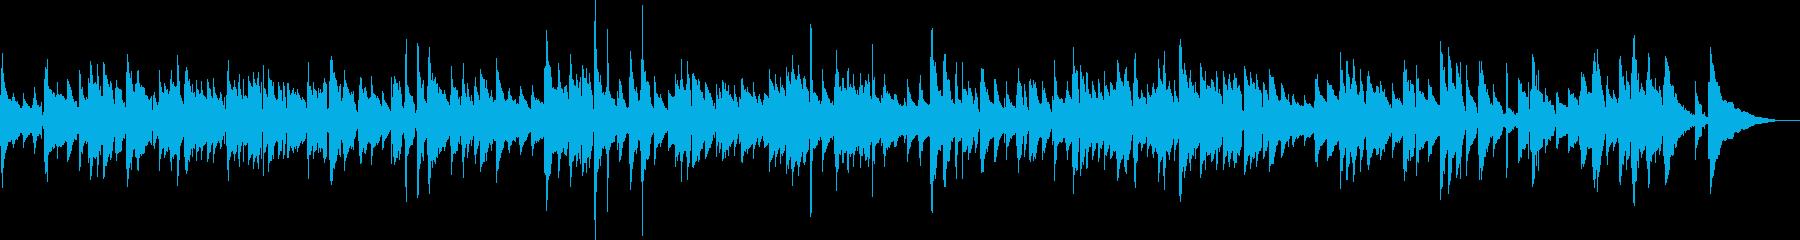 生ギター G線上のアリアの再生済みの波形